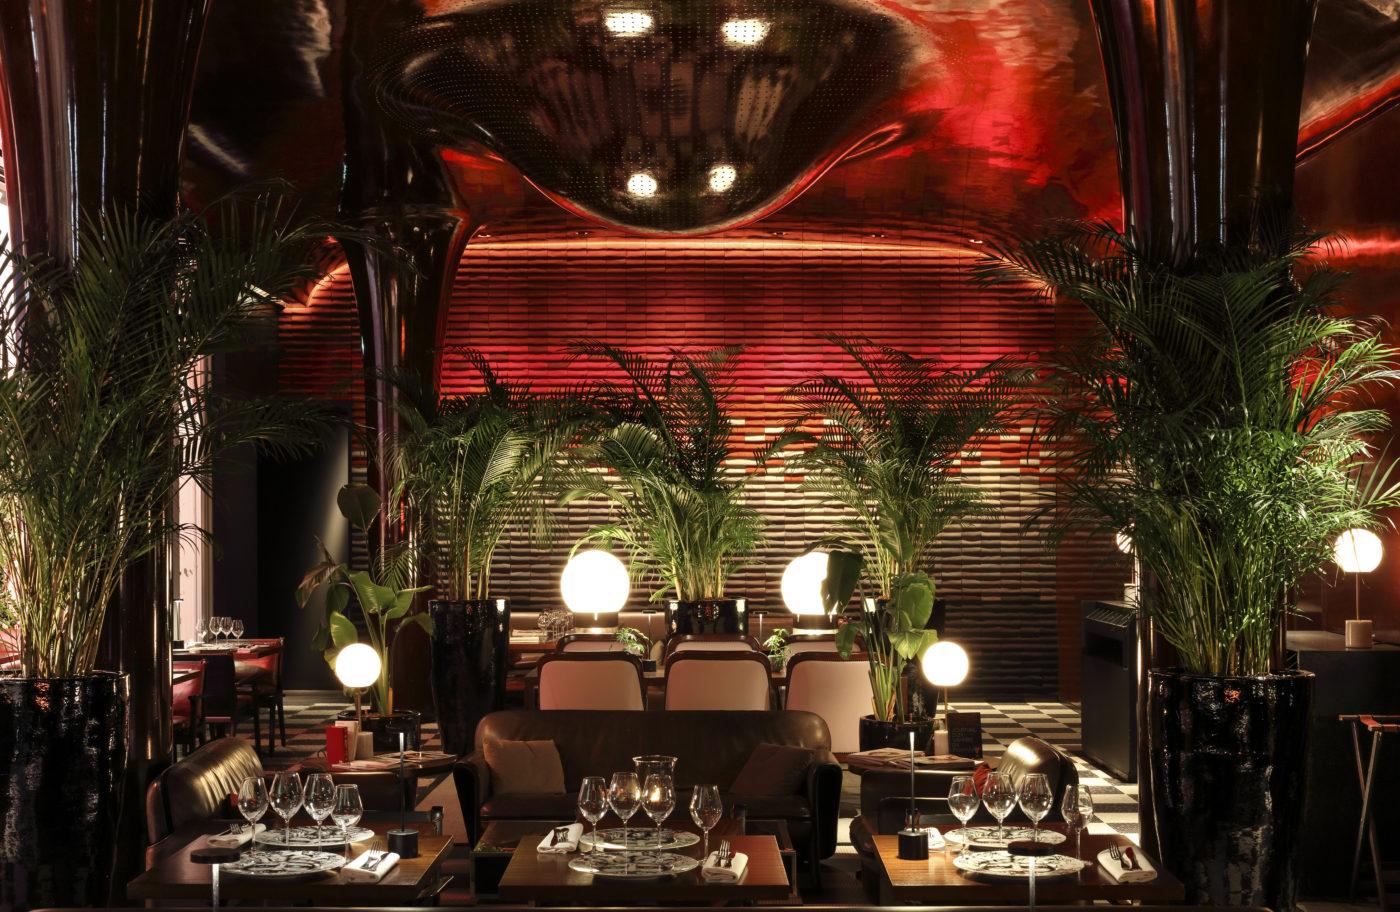 Paris-Philippe-Starck-InteriorDesigner